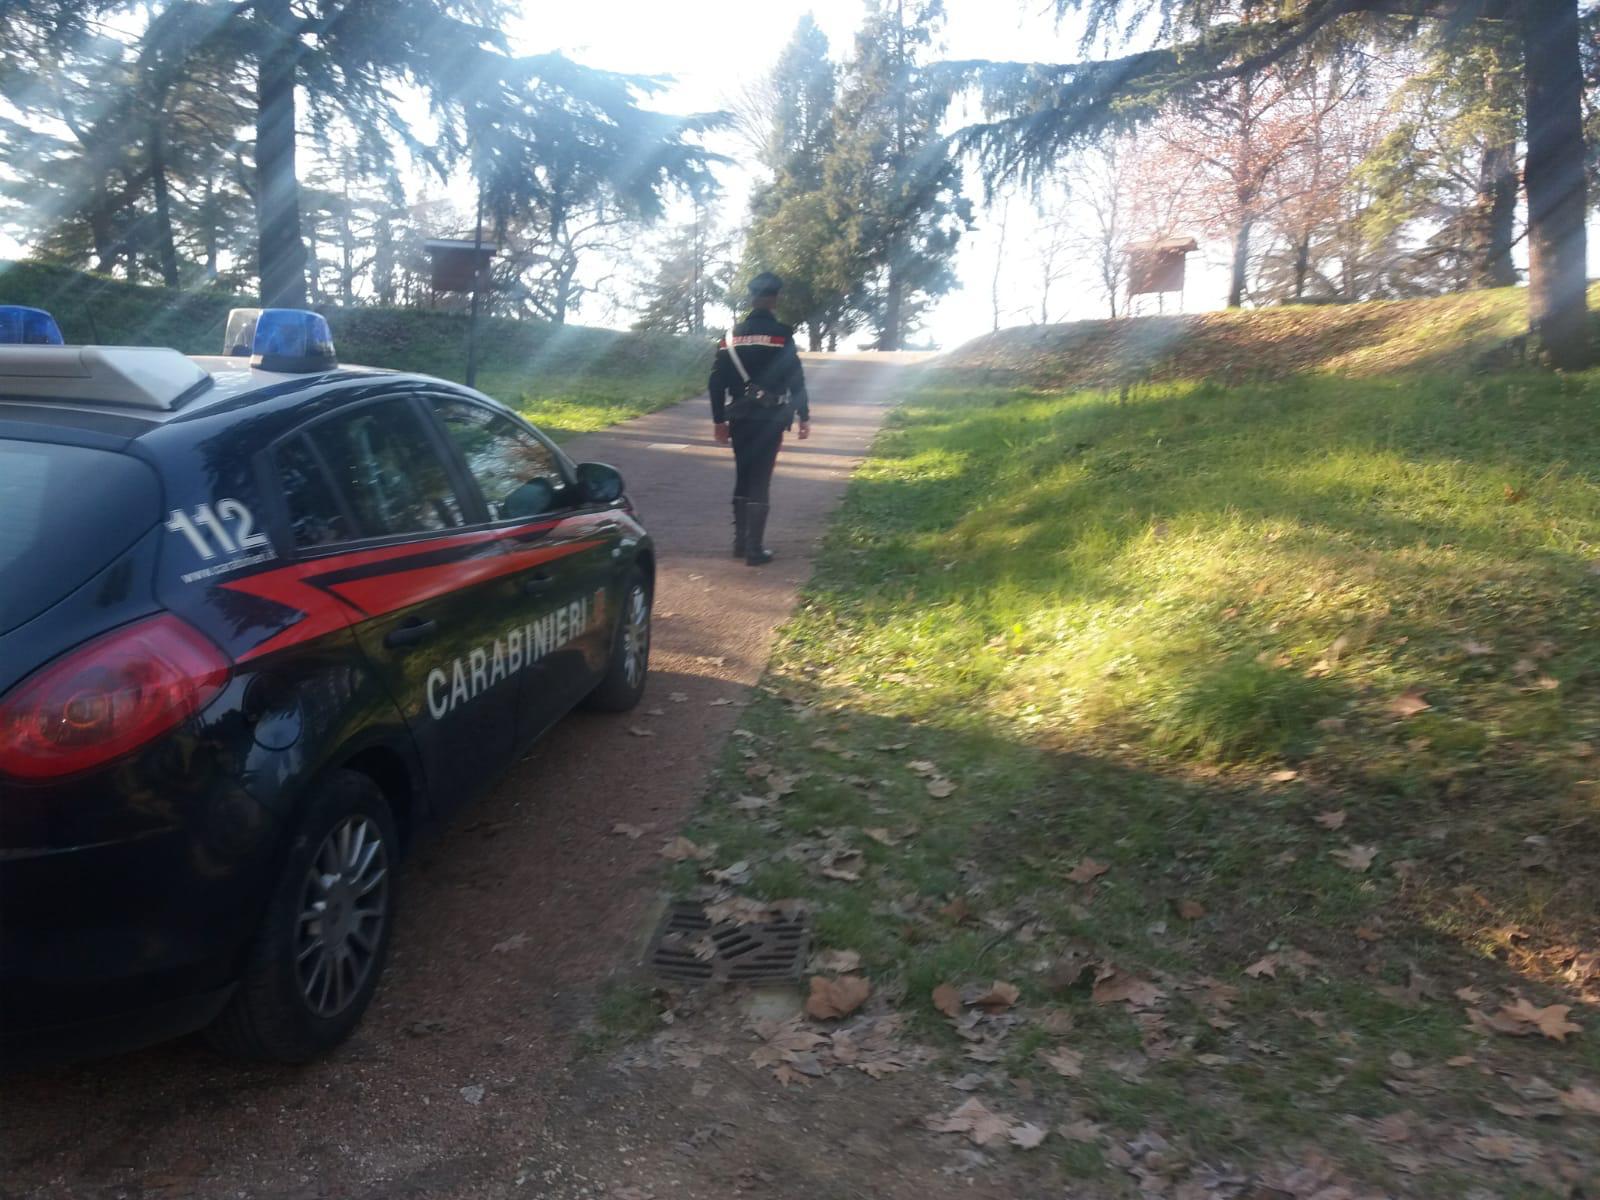 Week end di fuoco: tre arresti in città. Droga, evasione e furto aggravato, i carabinieri della stazione veronese hanno assicurato alla giustizia altre tre persone.